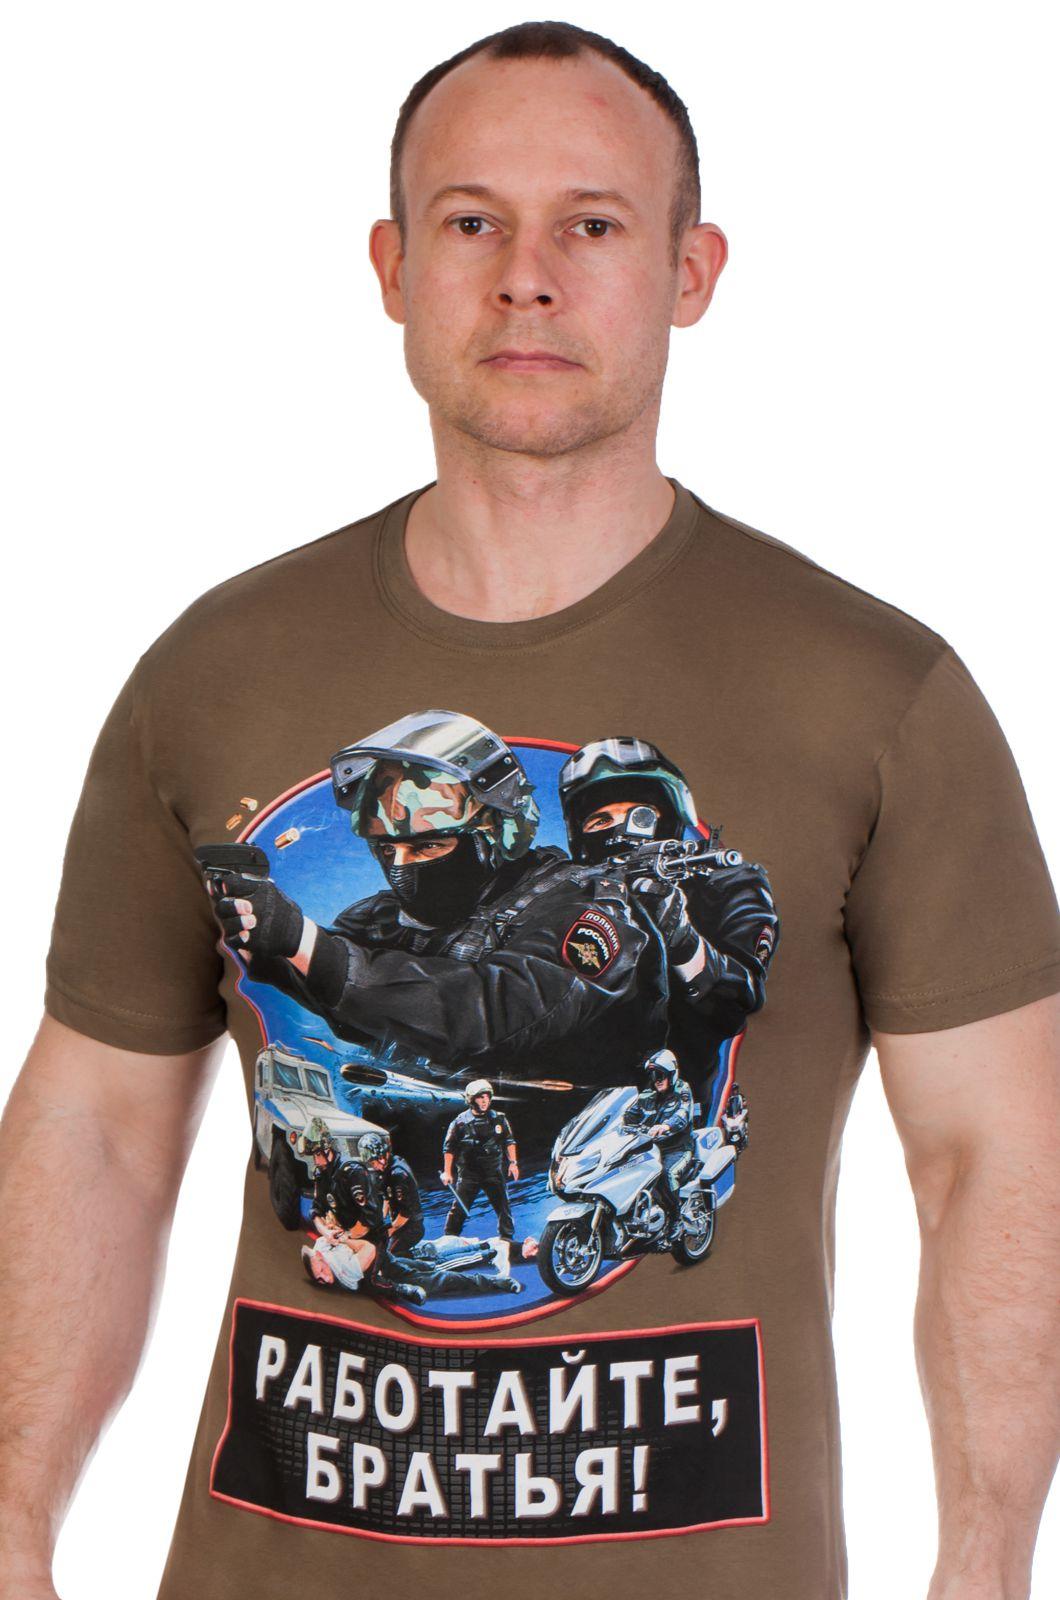 Заказать оптом дешево мужские футболки – самая низкая цена